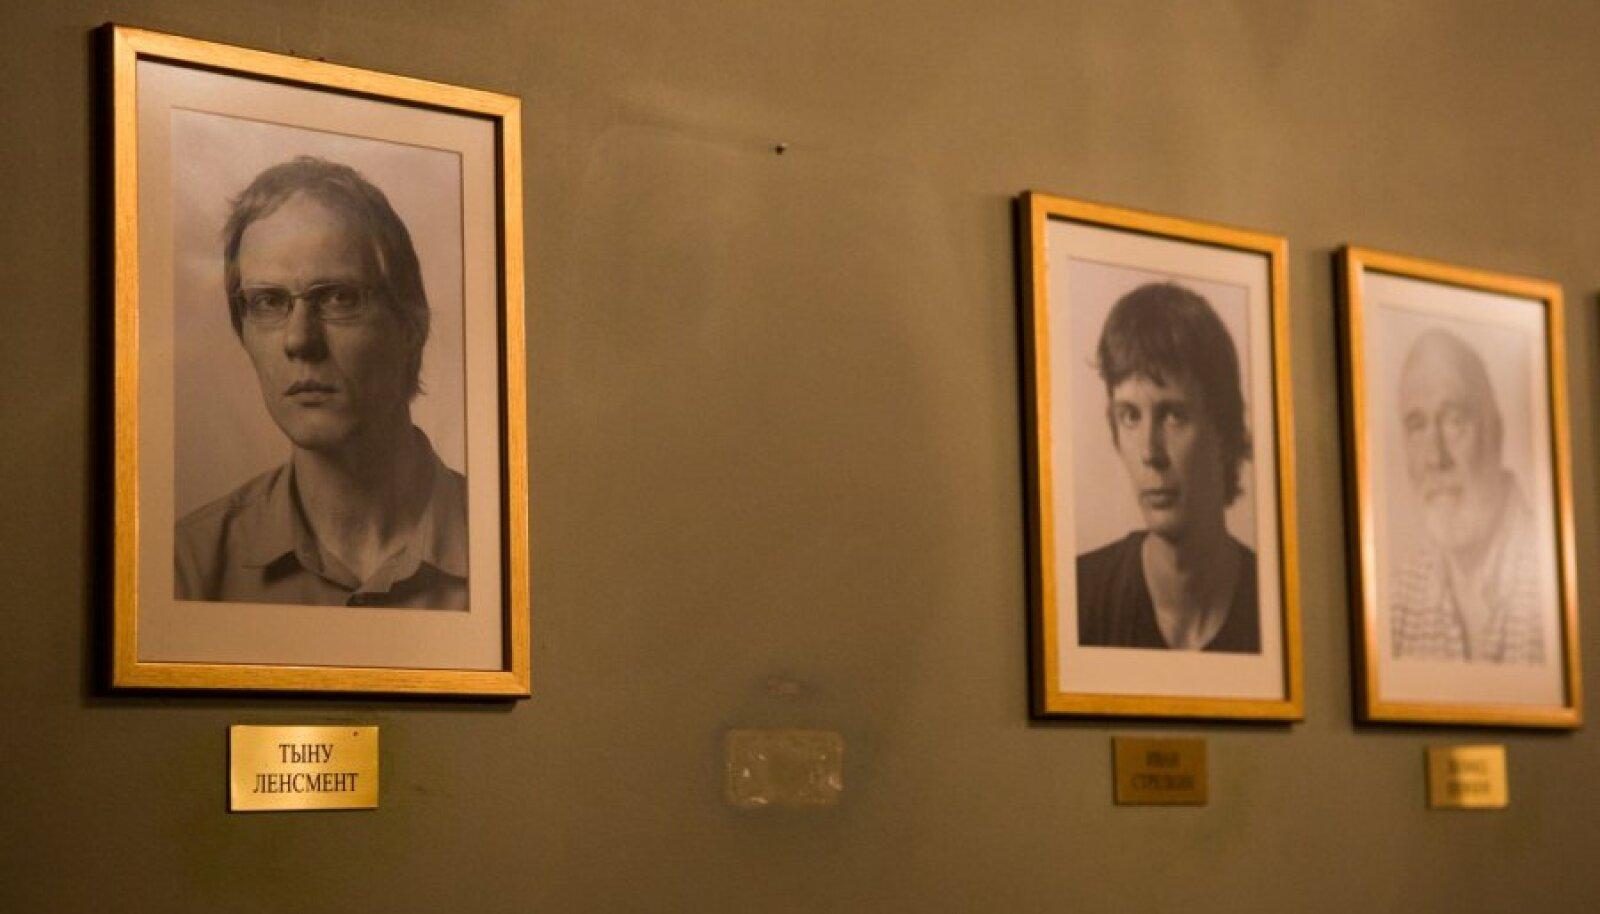 На днях из актерского фойе Русского театра уже демонтирован портрет Марата Гацалова, который ранее висел между портретами директора театра Тыну Ленсмента и режиссера Ивана Стрелкина.